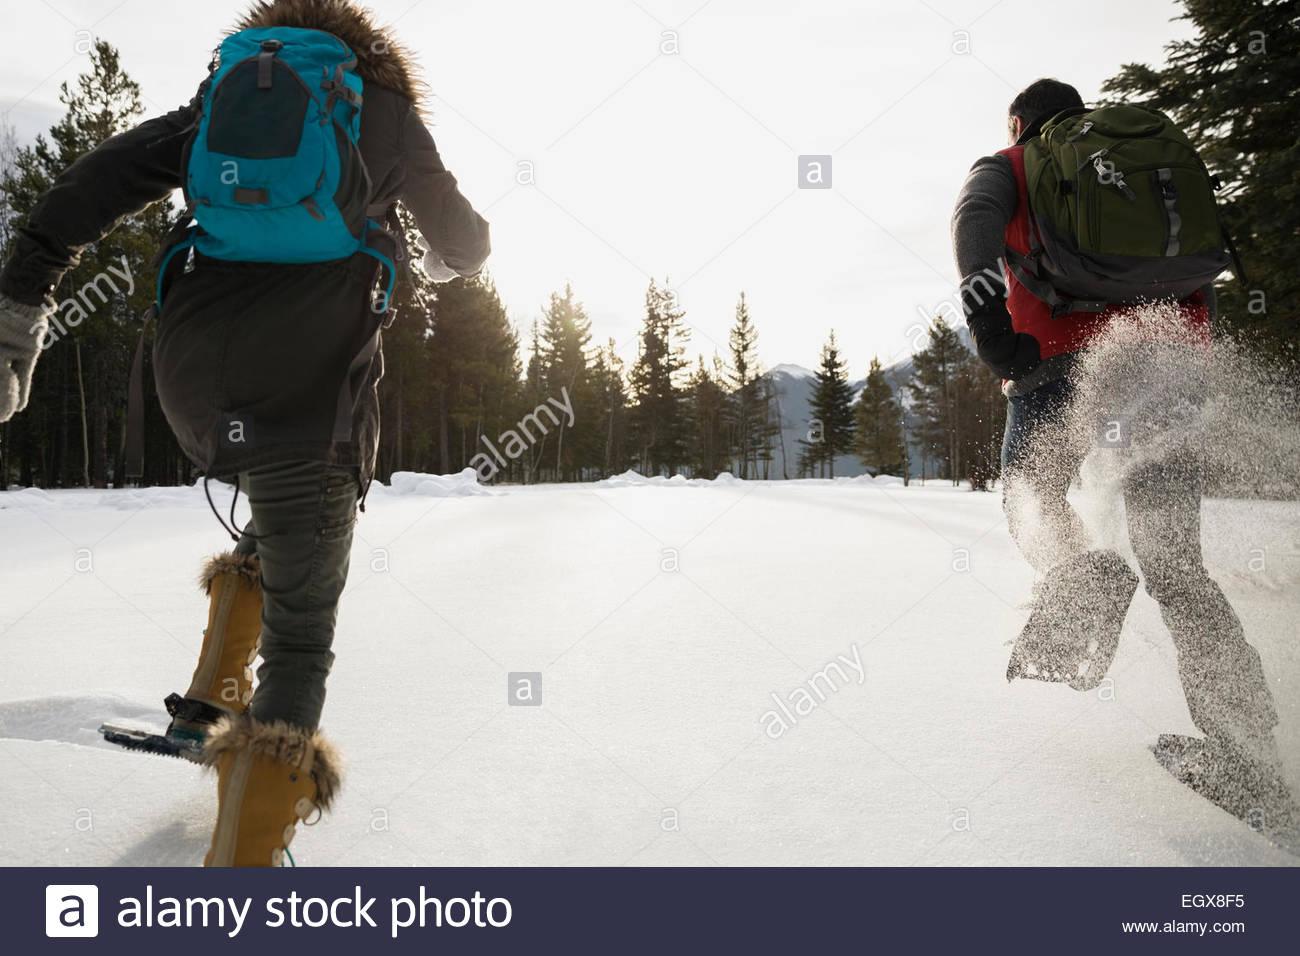 Amigos corriendo en raquetas de nieve en el campo nevado Imagen De Stock